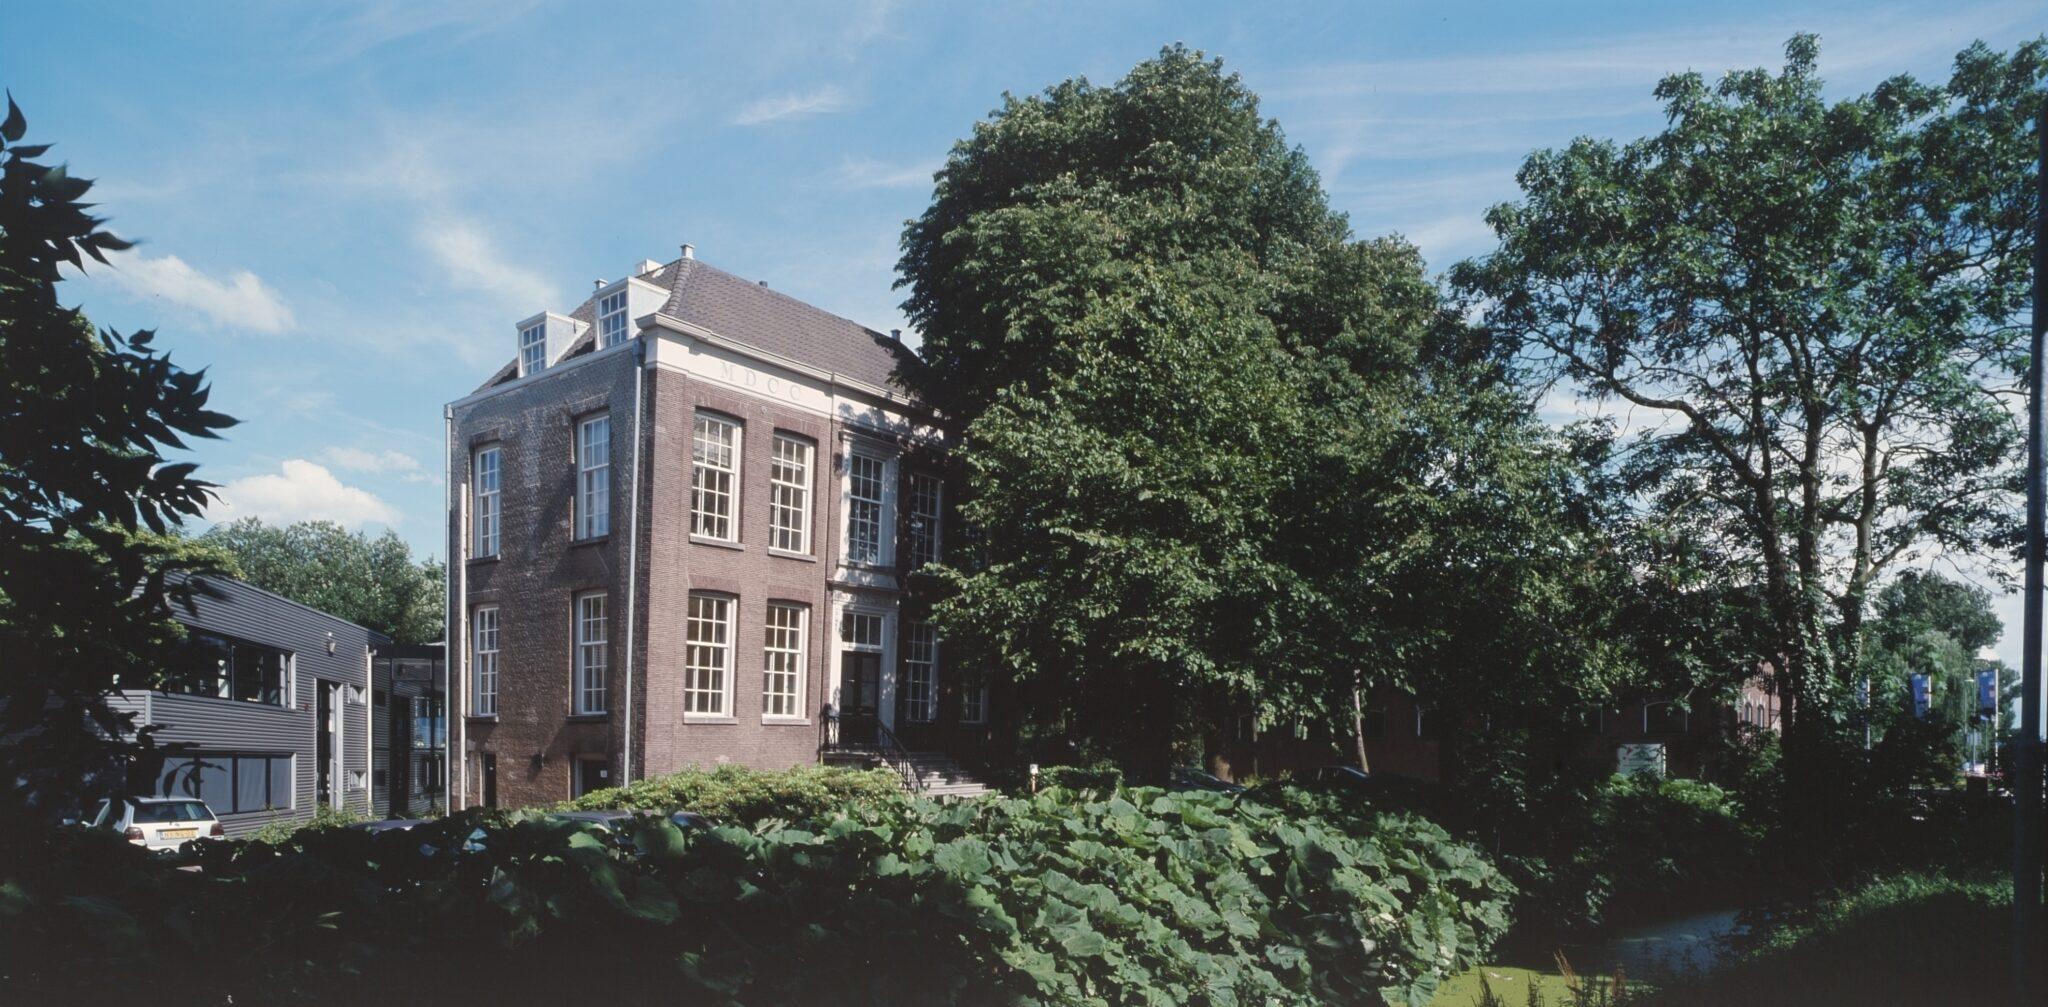 Villa Weizigt aan het Van Baerleplantsoen.